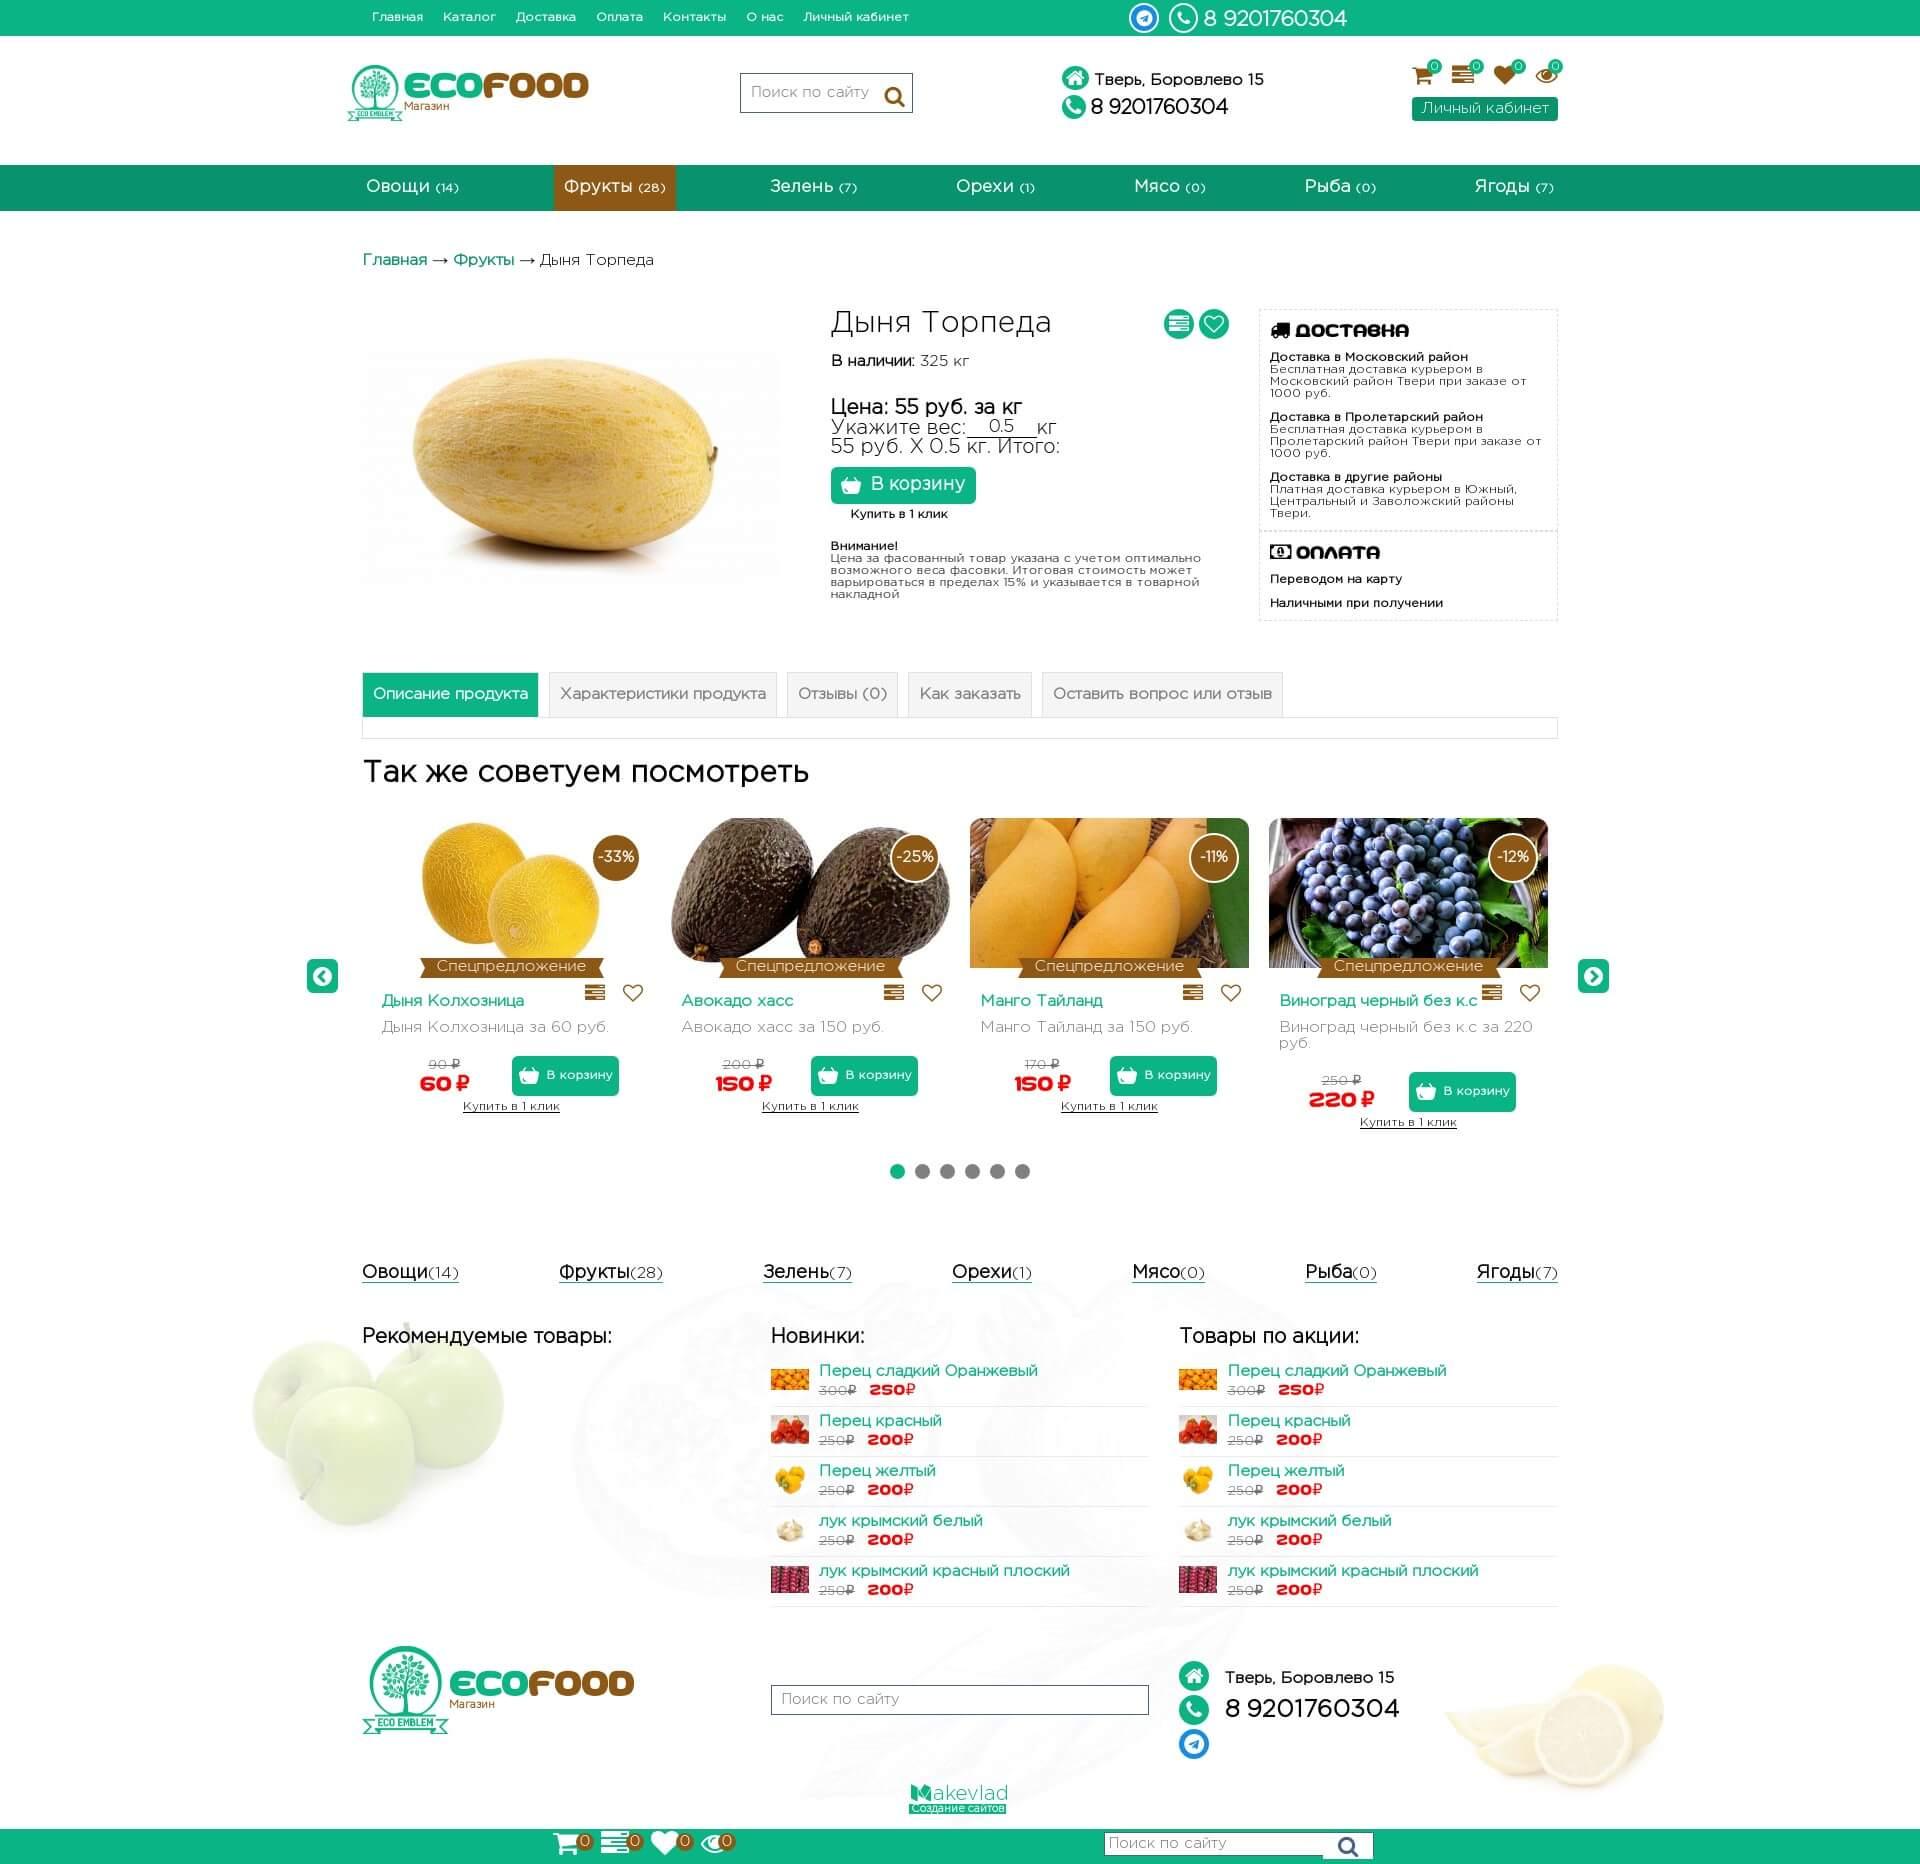 Скриншот №3 страницы сайта во весь экран. Интернет магазин для доставки продуктов